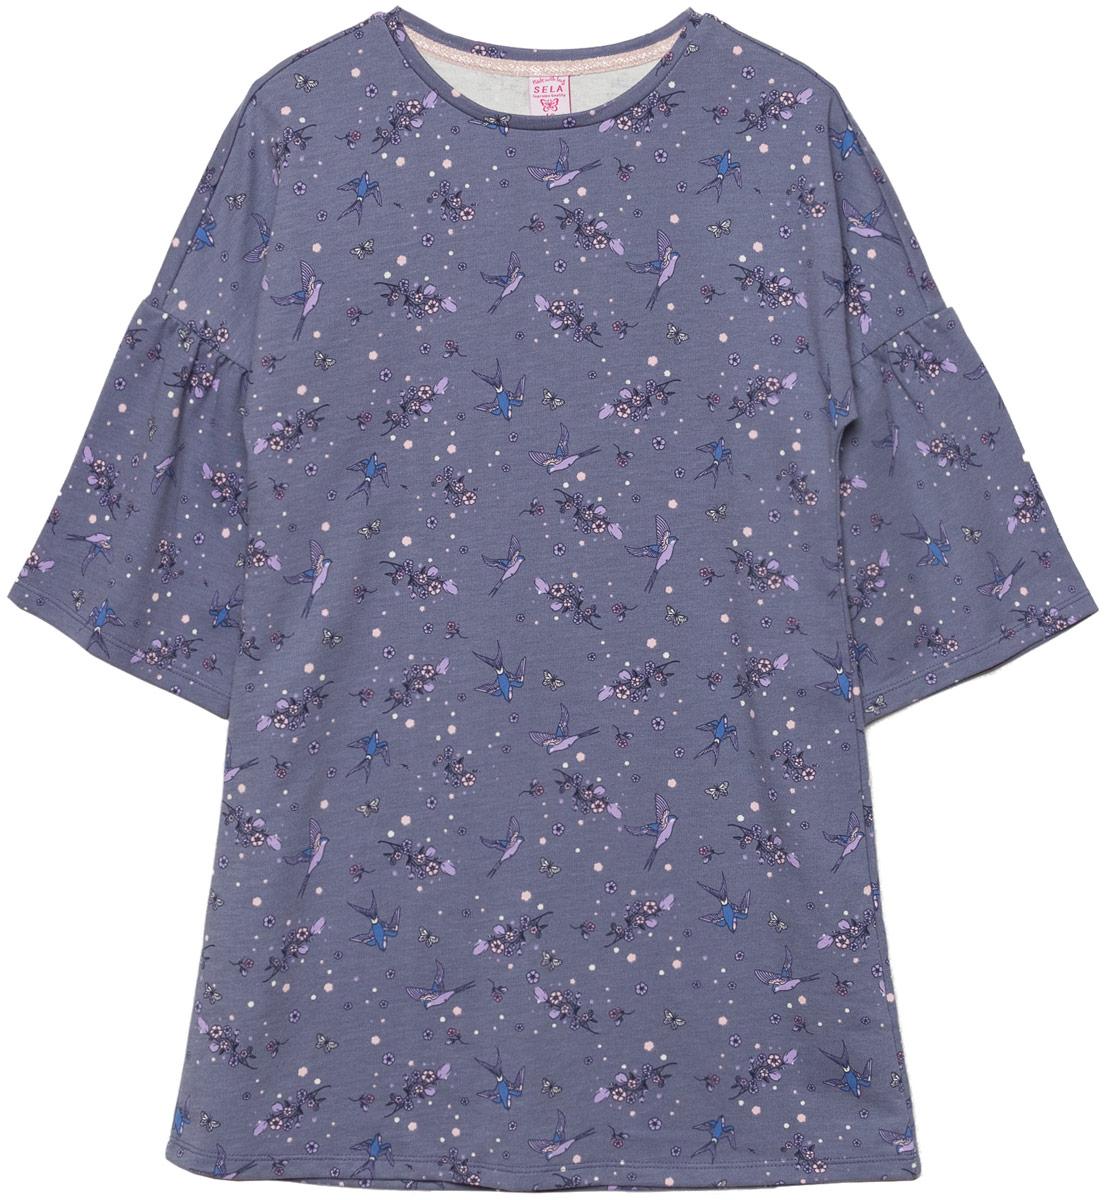 Платье для девочки Sela, цвет: джинсовый. DK-617/950-8110. Размер 140DK-617/950-8110Платье для девочки Sela выполнено из хлопка и полиэстера. Модель с круглым вырезом горловины оформлена оригинальным принтом.